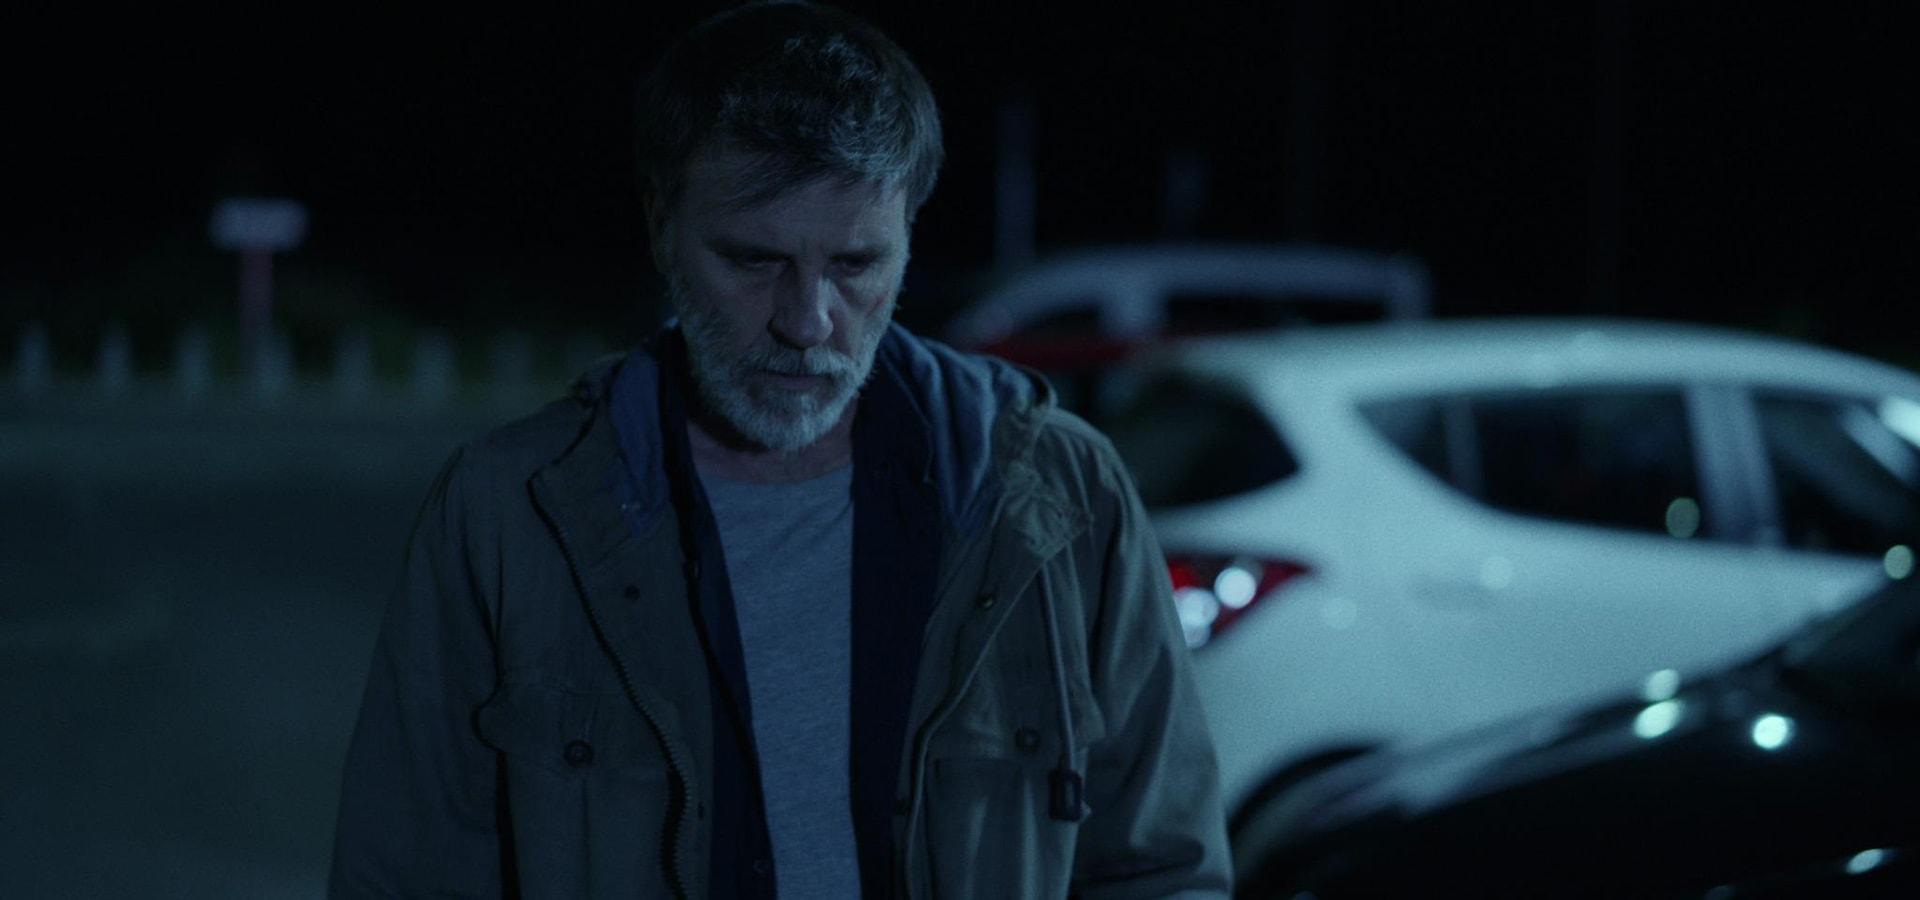 Secuencia del actor Armando del Río andando por la calle preocupado